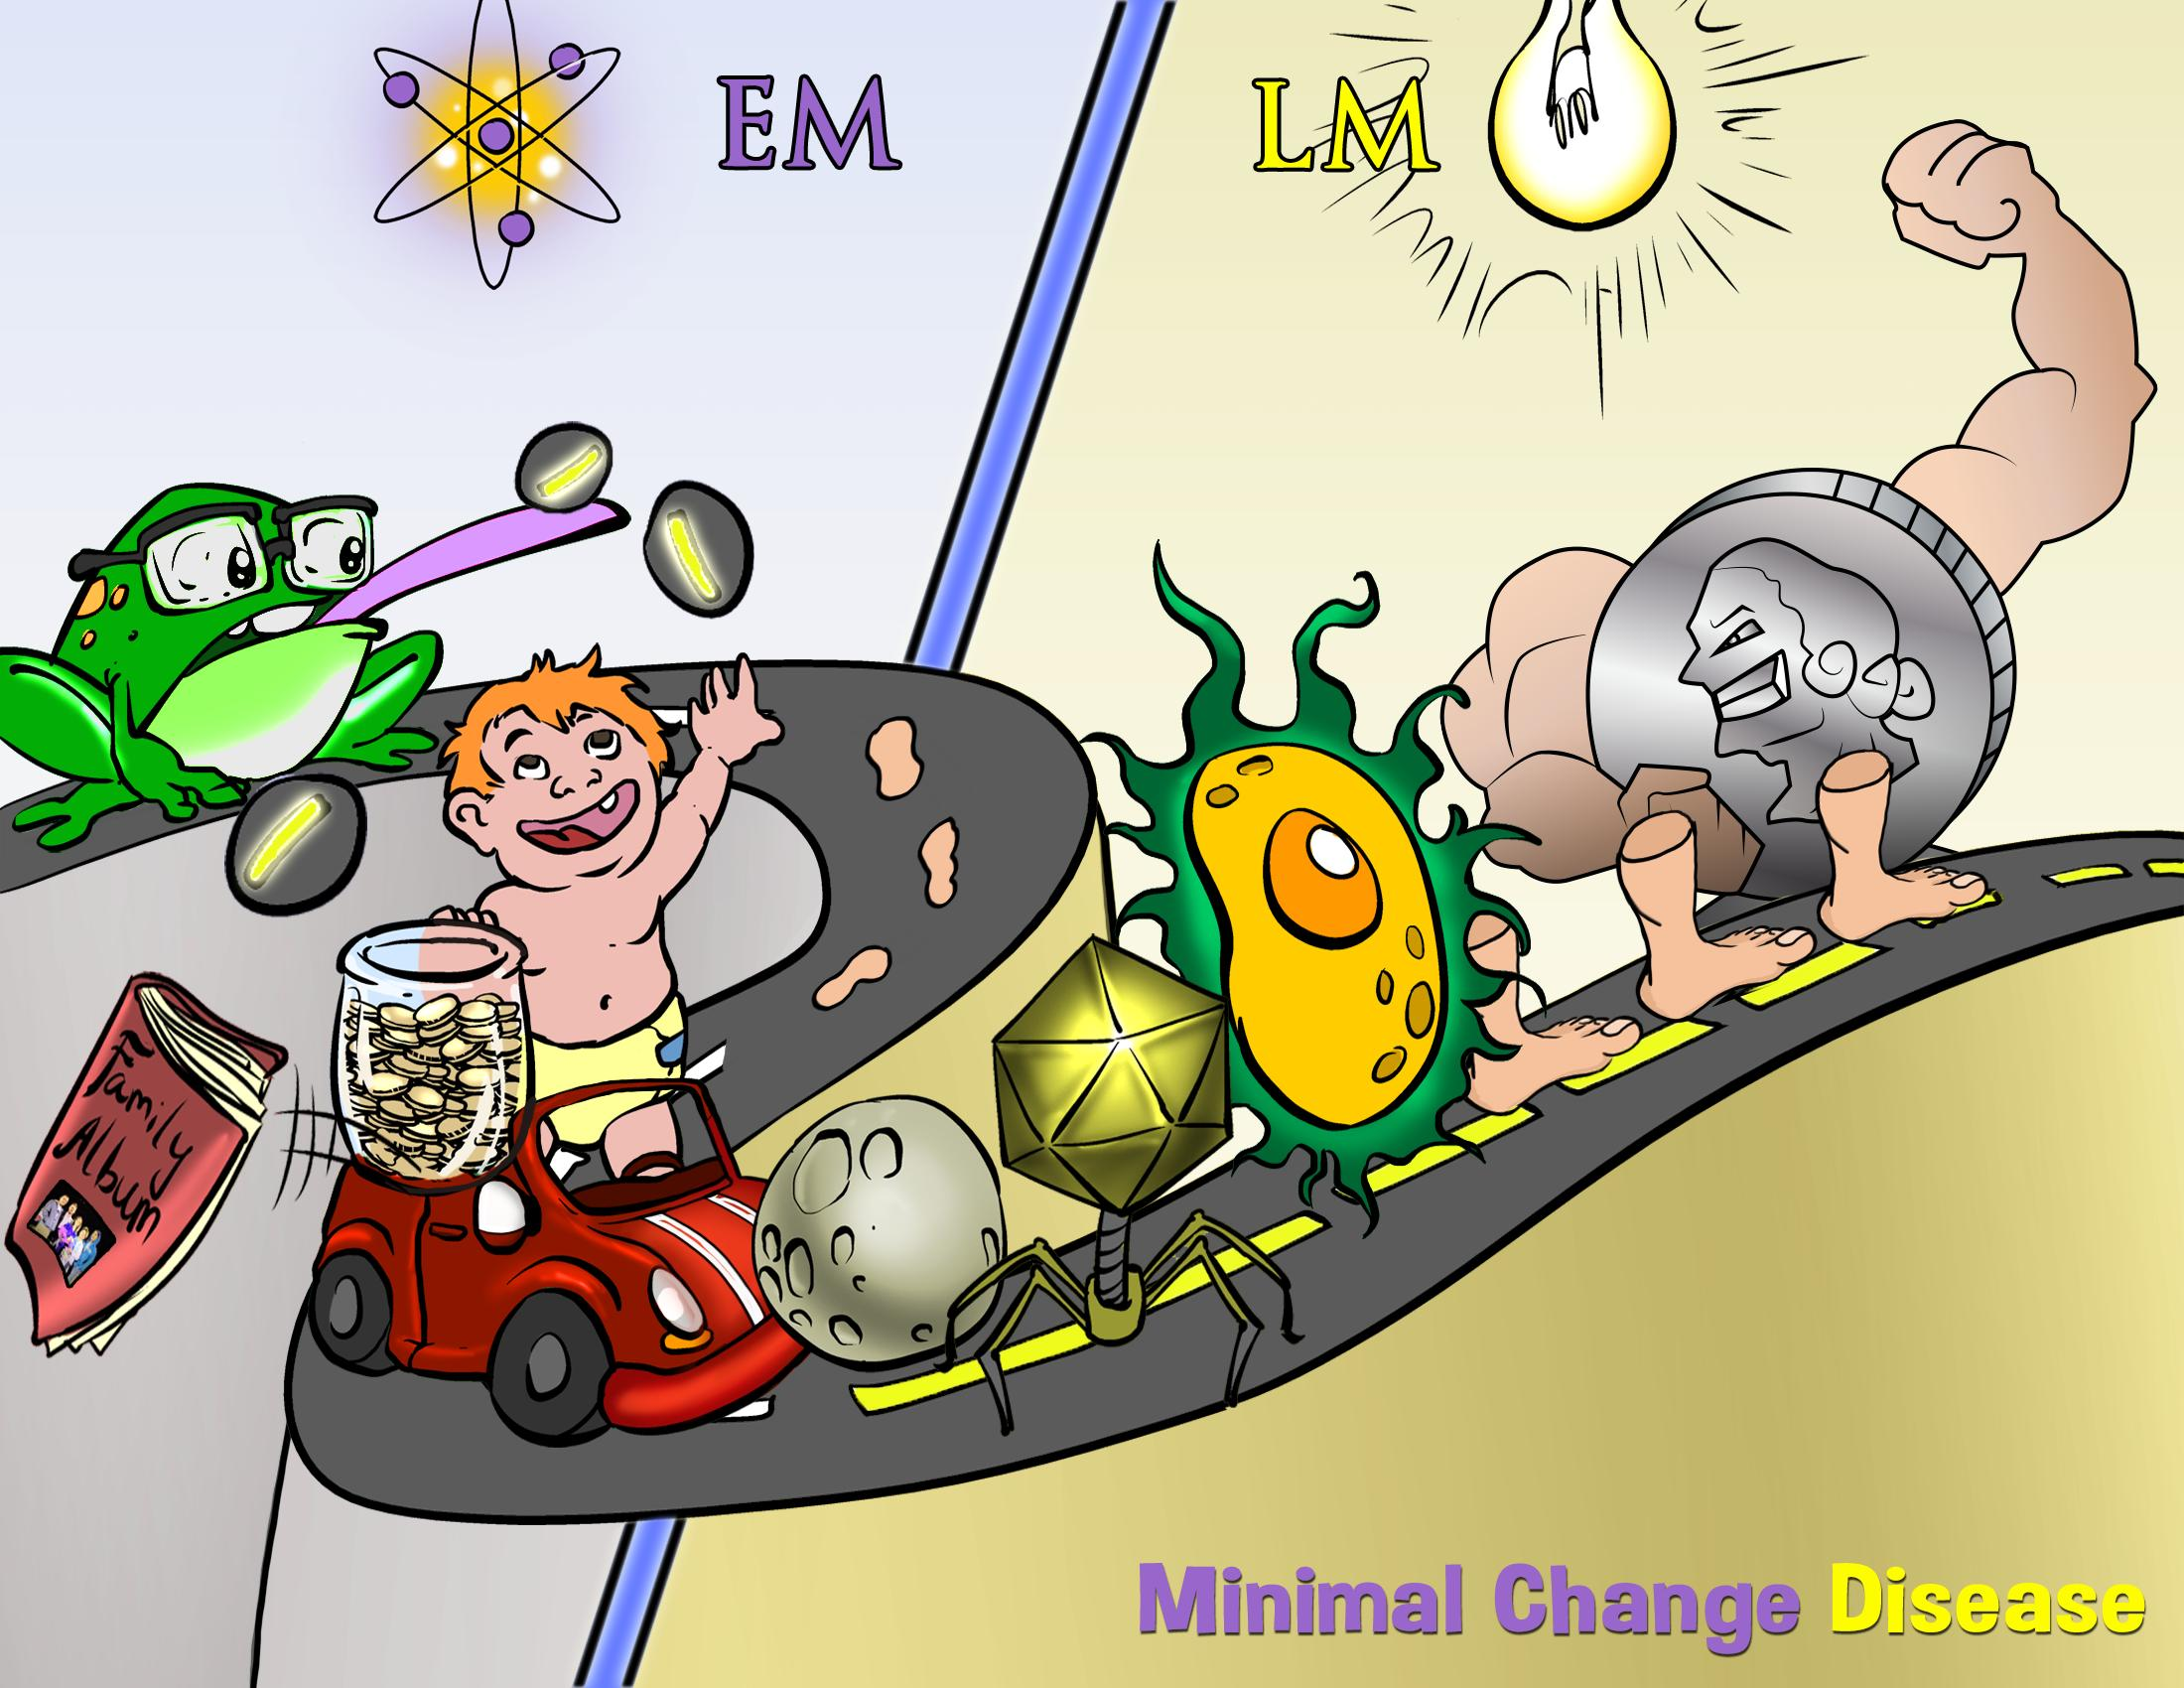 Minimal Change Disease